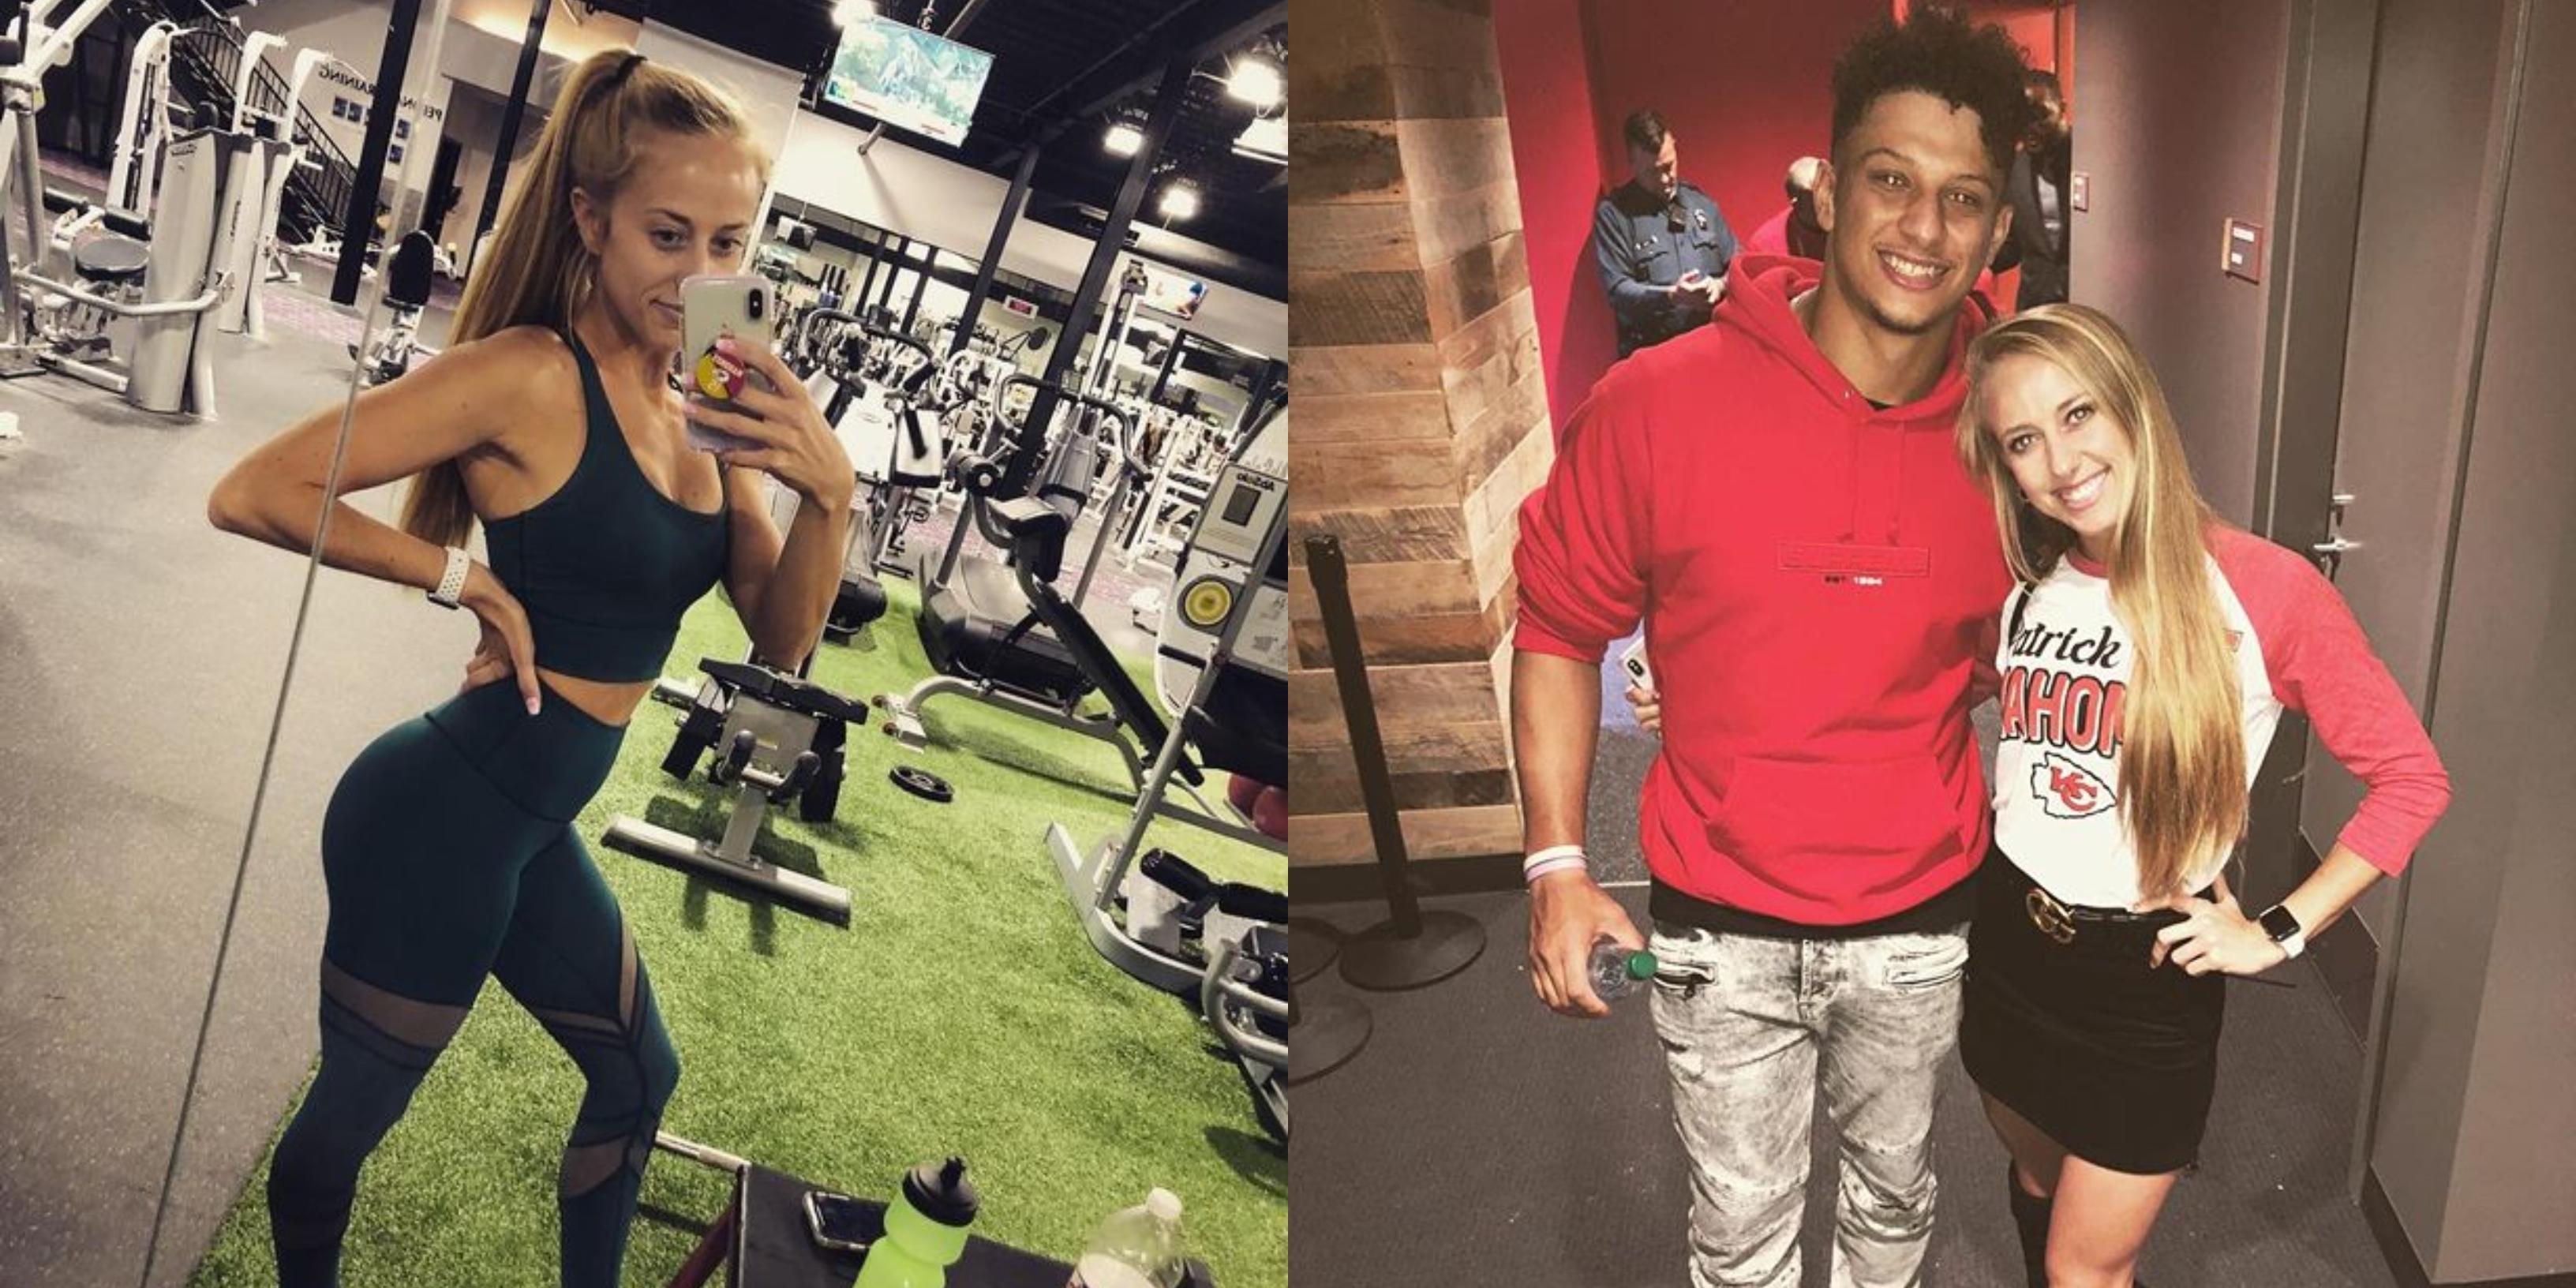 Patrick Mahomess girlfriend revealed as Kansas City